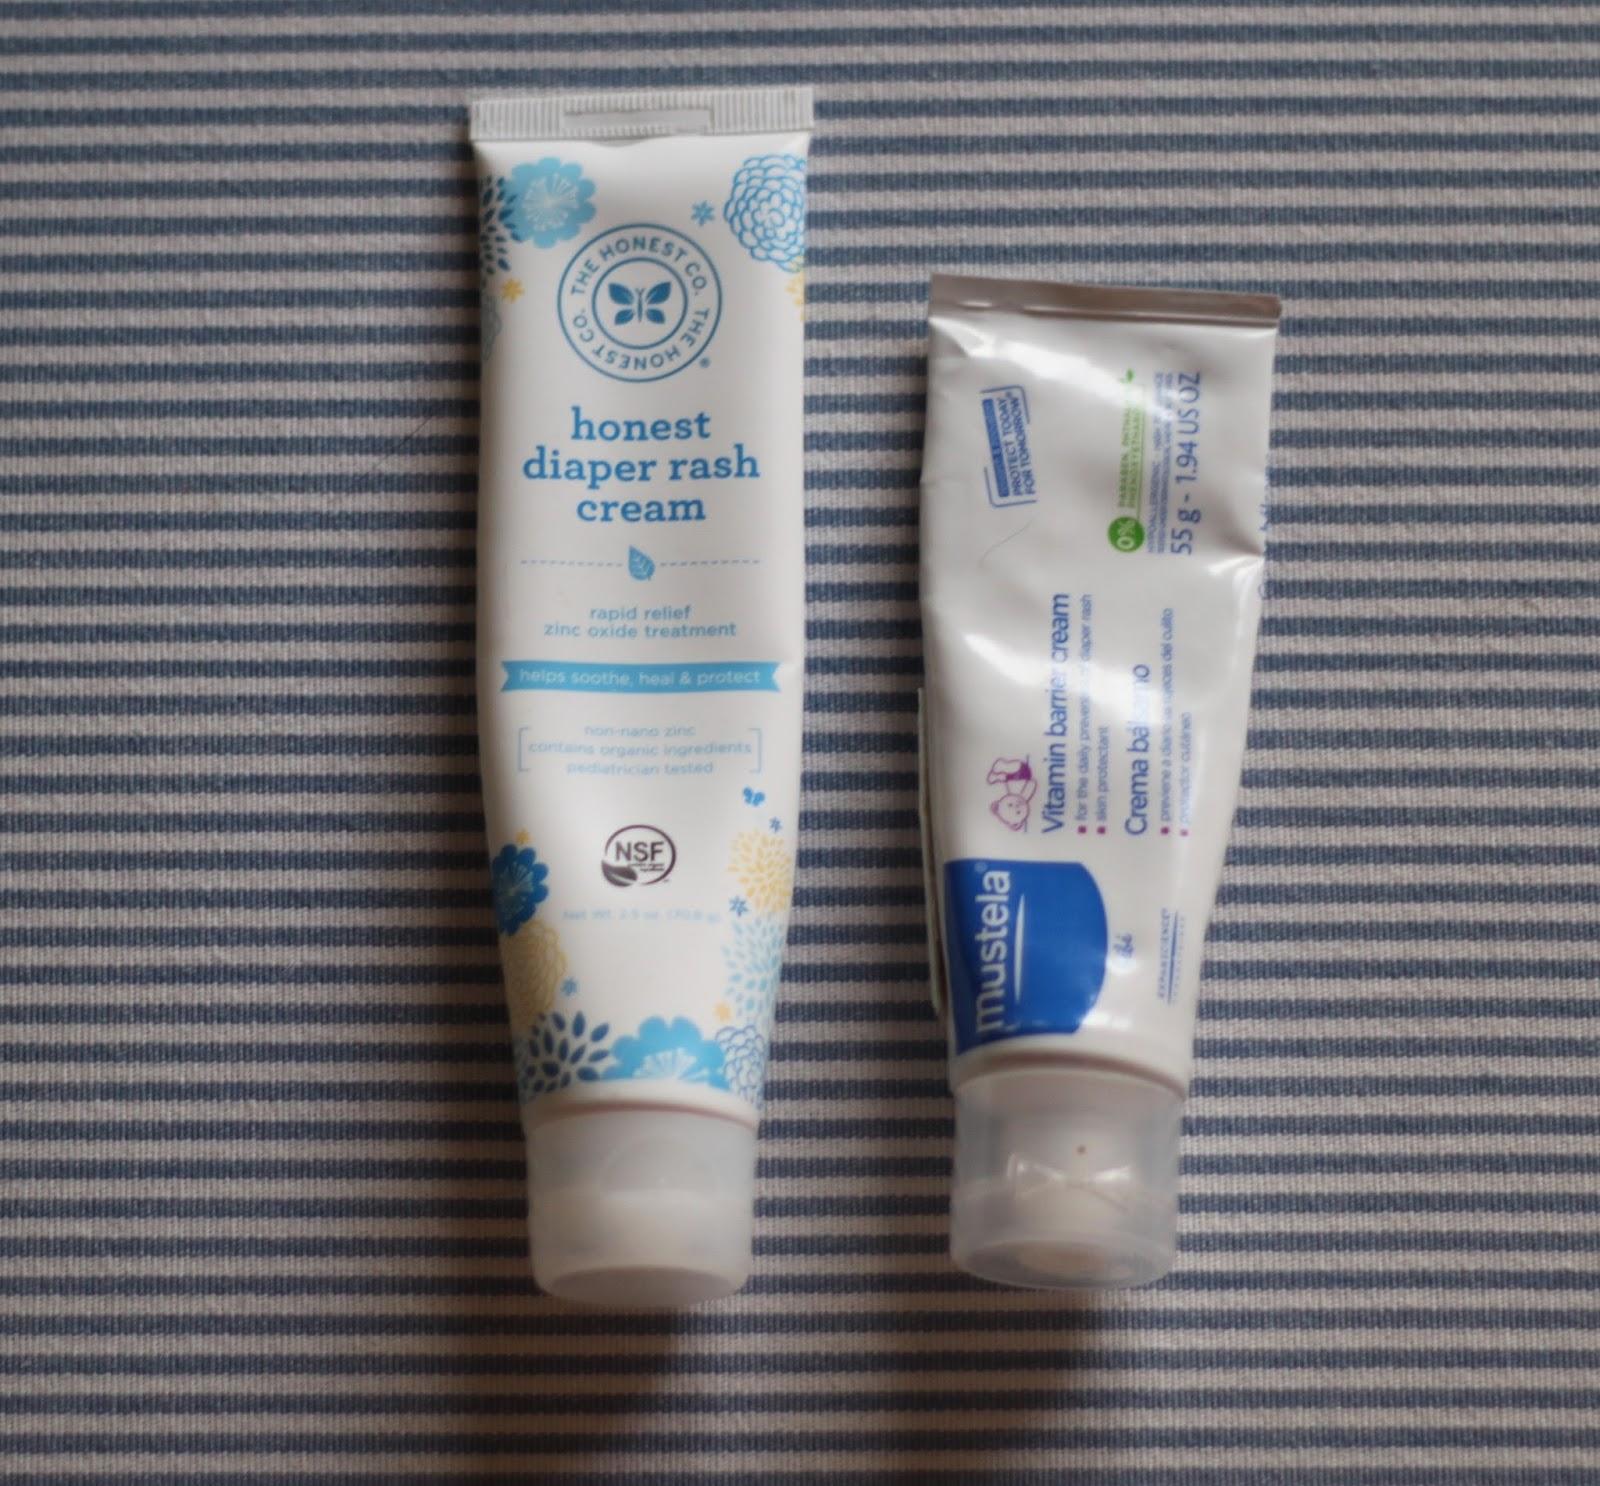 honest diaper cream